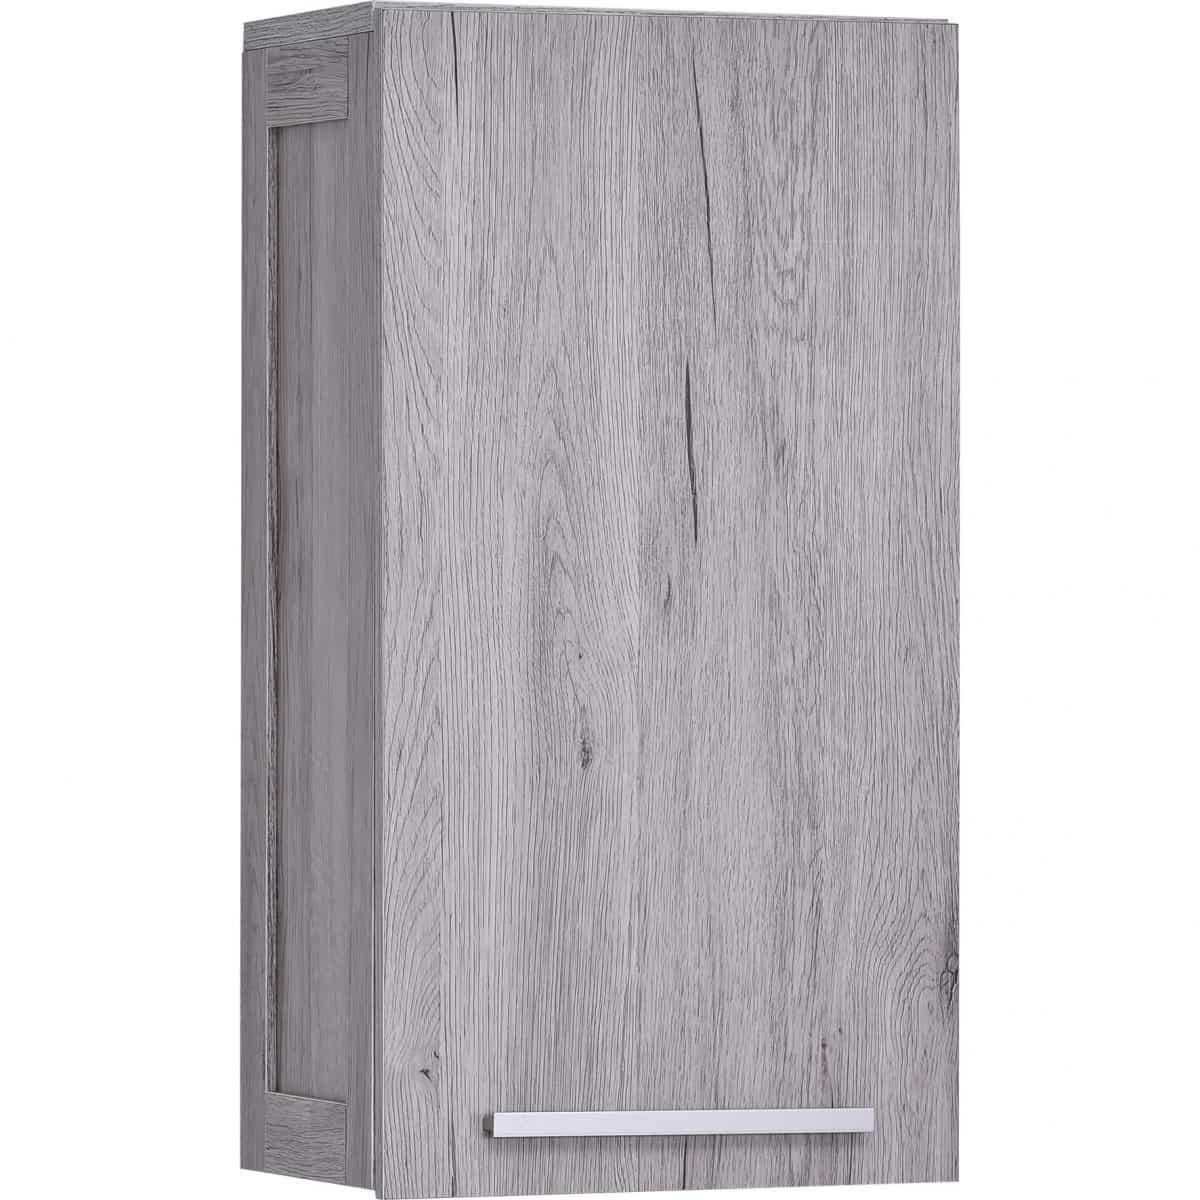 Pleasing Wall Mounted Bath Cabinet Oslo 1 Door 1 Shelf Washed Gray Oak Interior Design Ideas Skatsoteloinfo